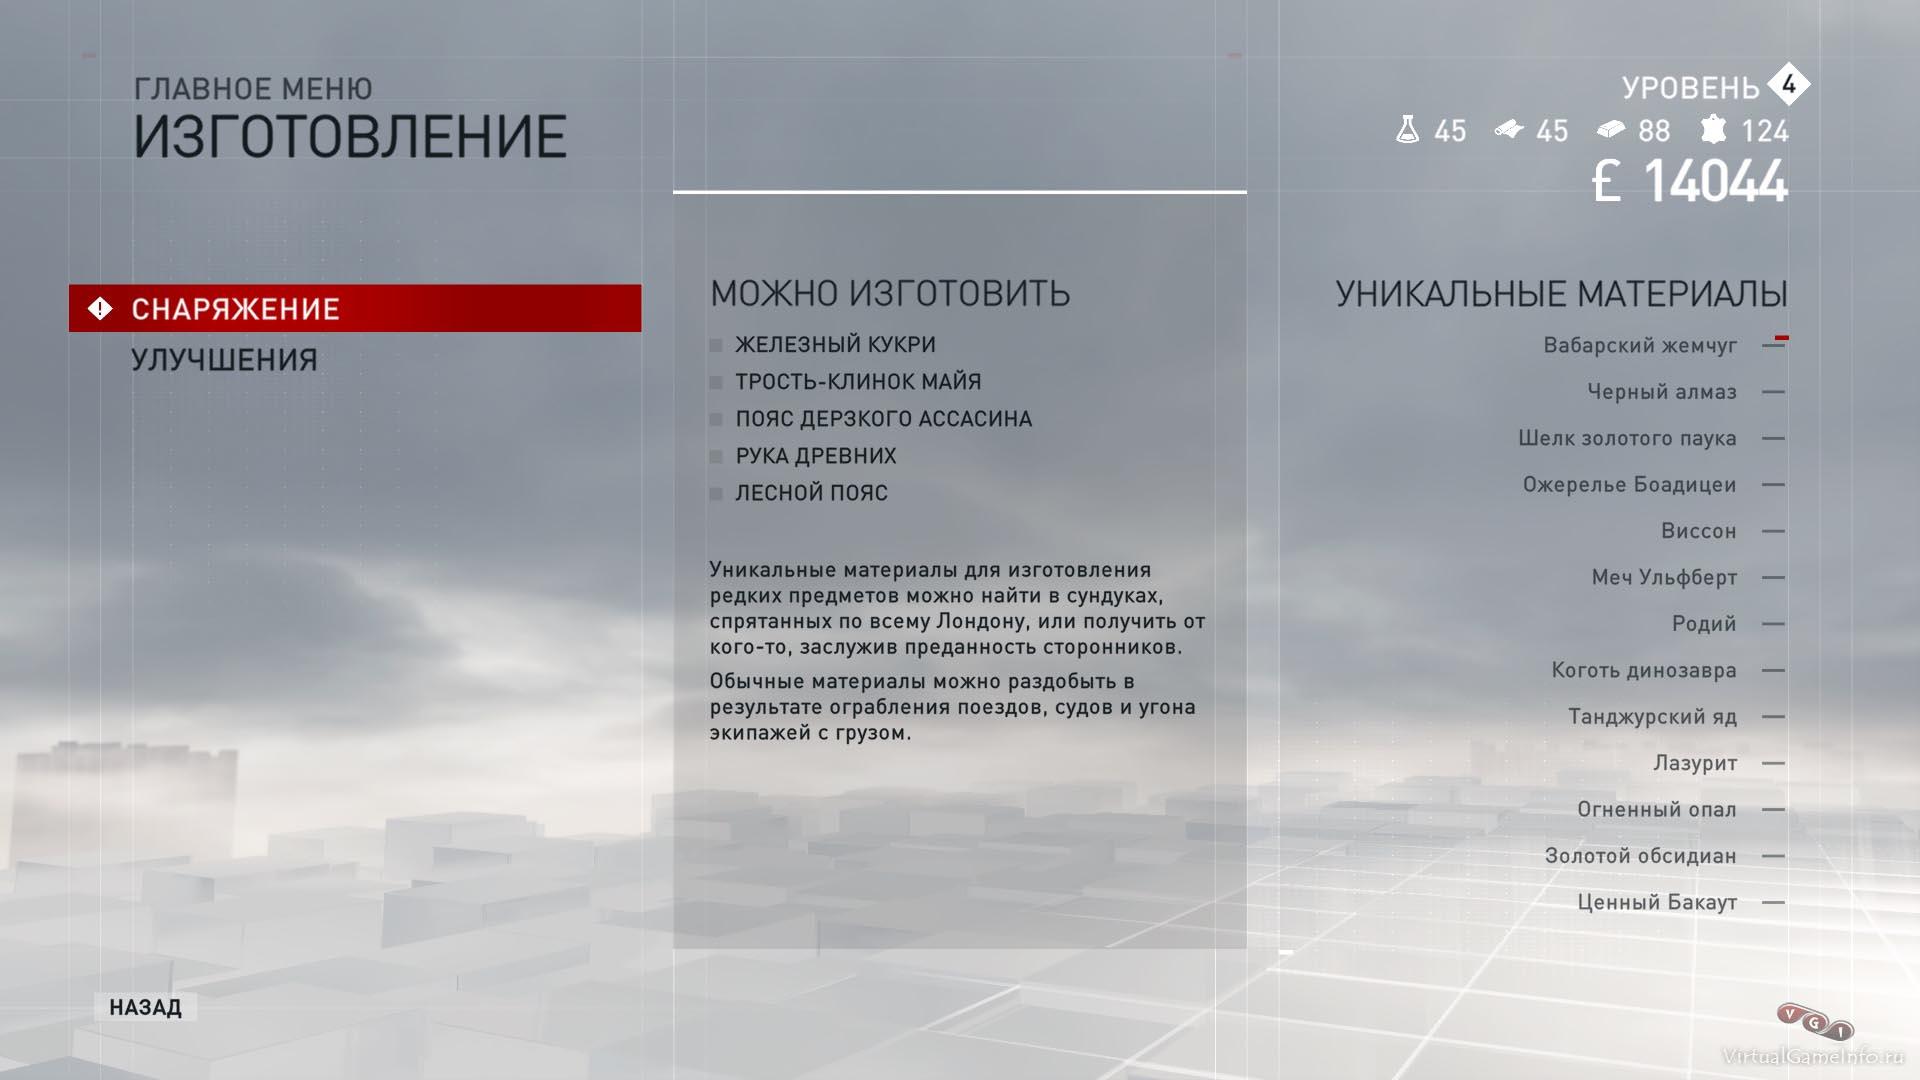 """На странице меню """"Изготовление"""" представлен список всех Уникальных Материалов"""